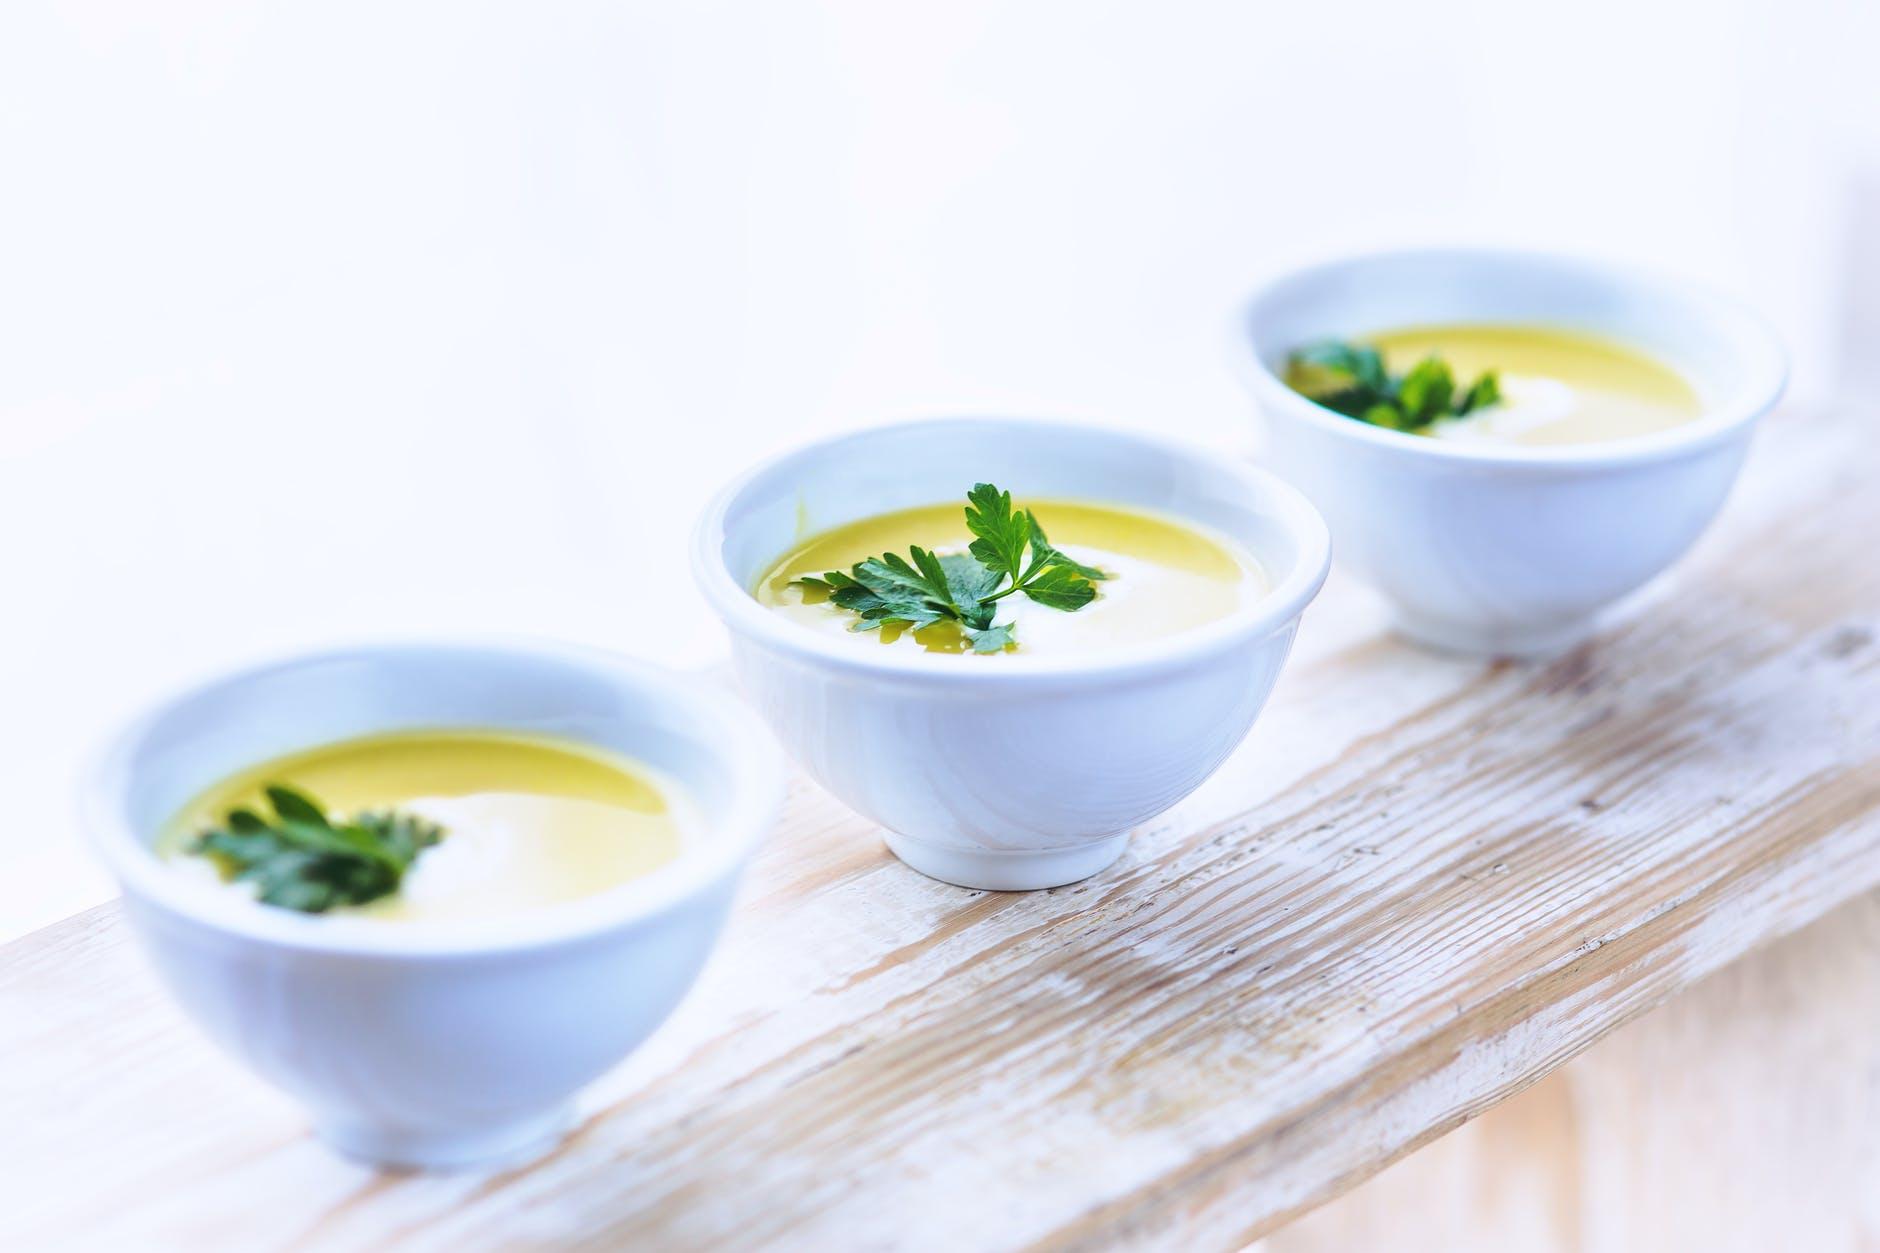 Supă delicioasă de cartofi cu praz. Oferă organismului antioxidanți și substanțe nutritive de calitate